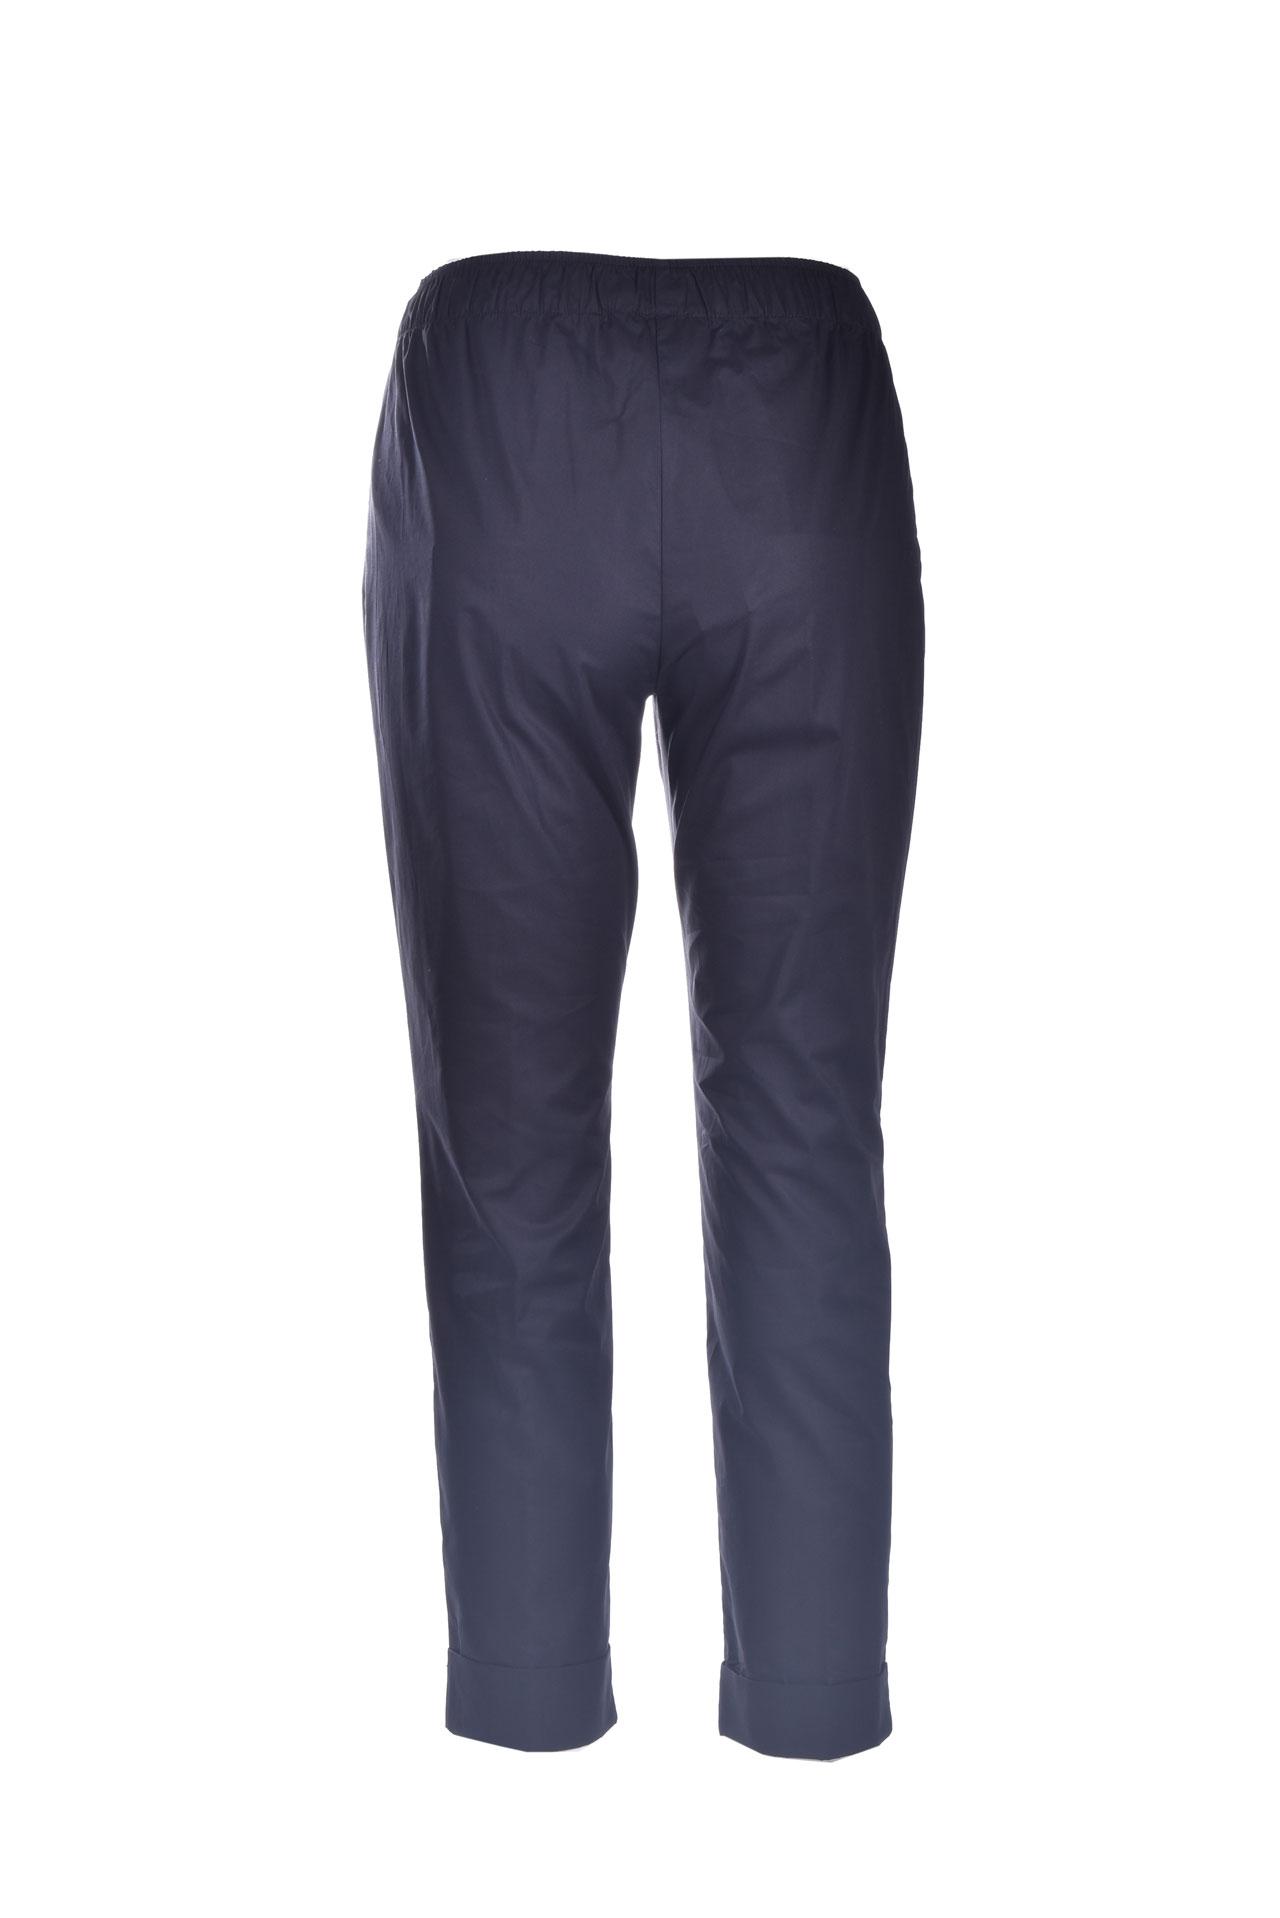 Pantalone capri pull-on con elastico SEMICOUTURE | Pantaloni | Y1SK11Y69